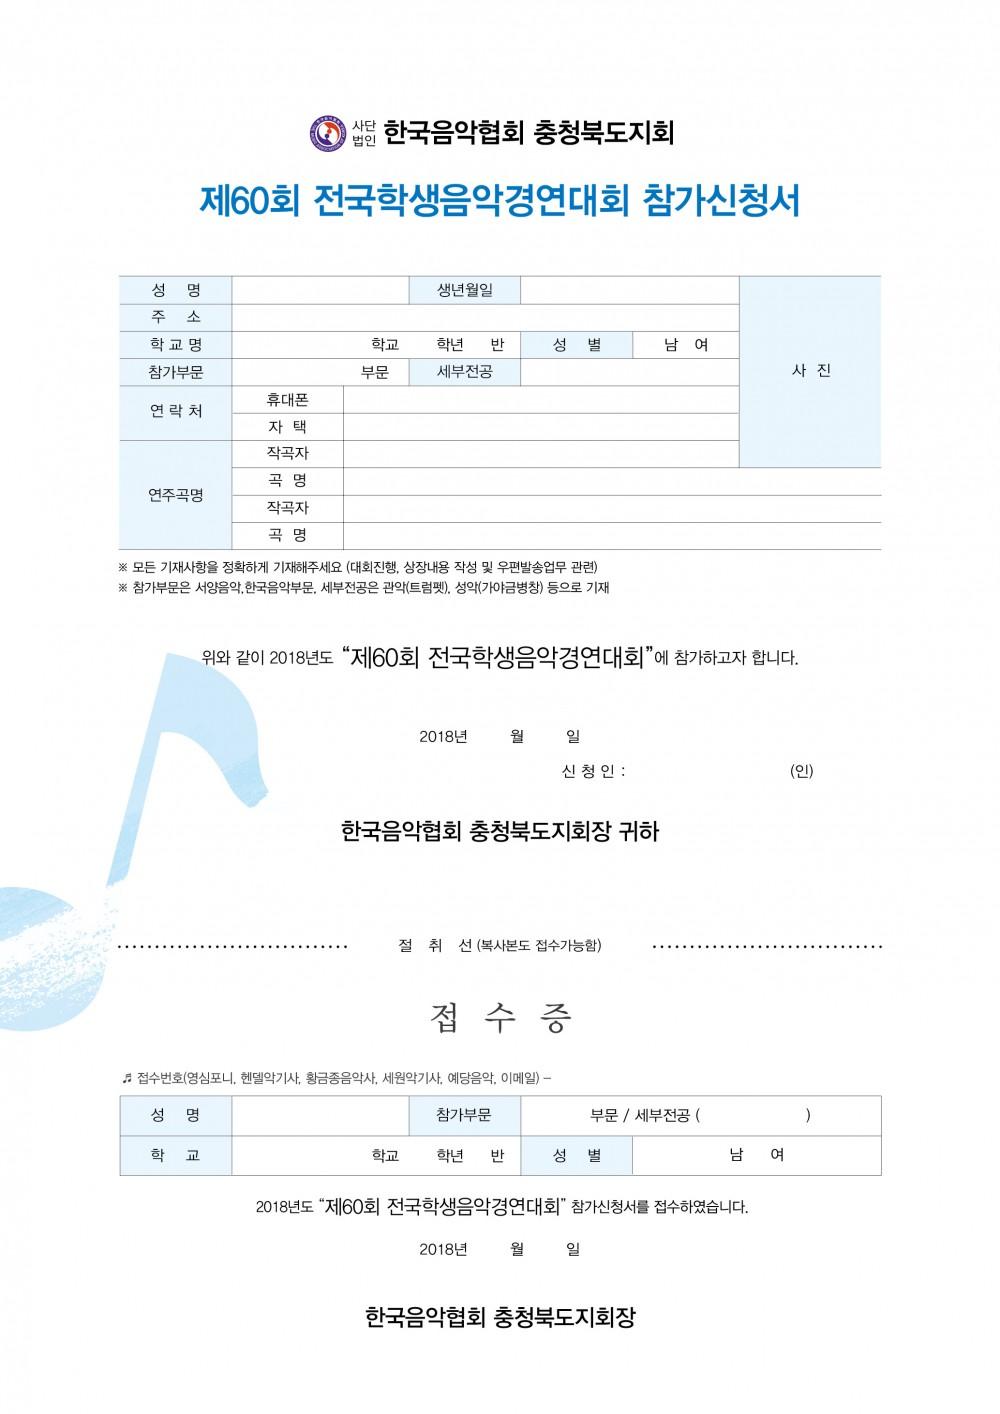 콩쿨요강최종 (4).jpg